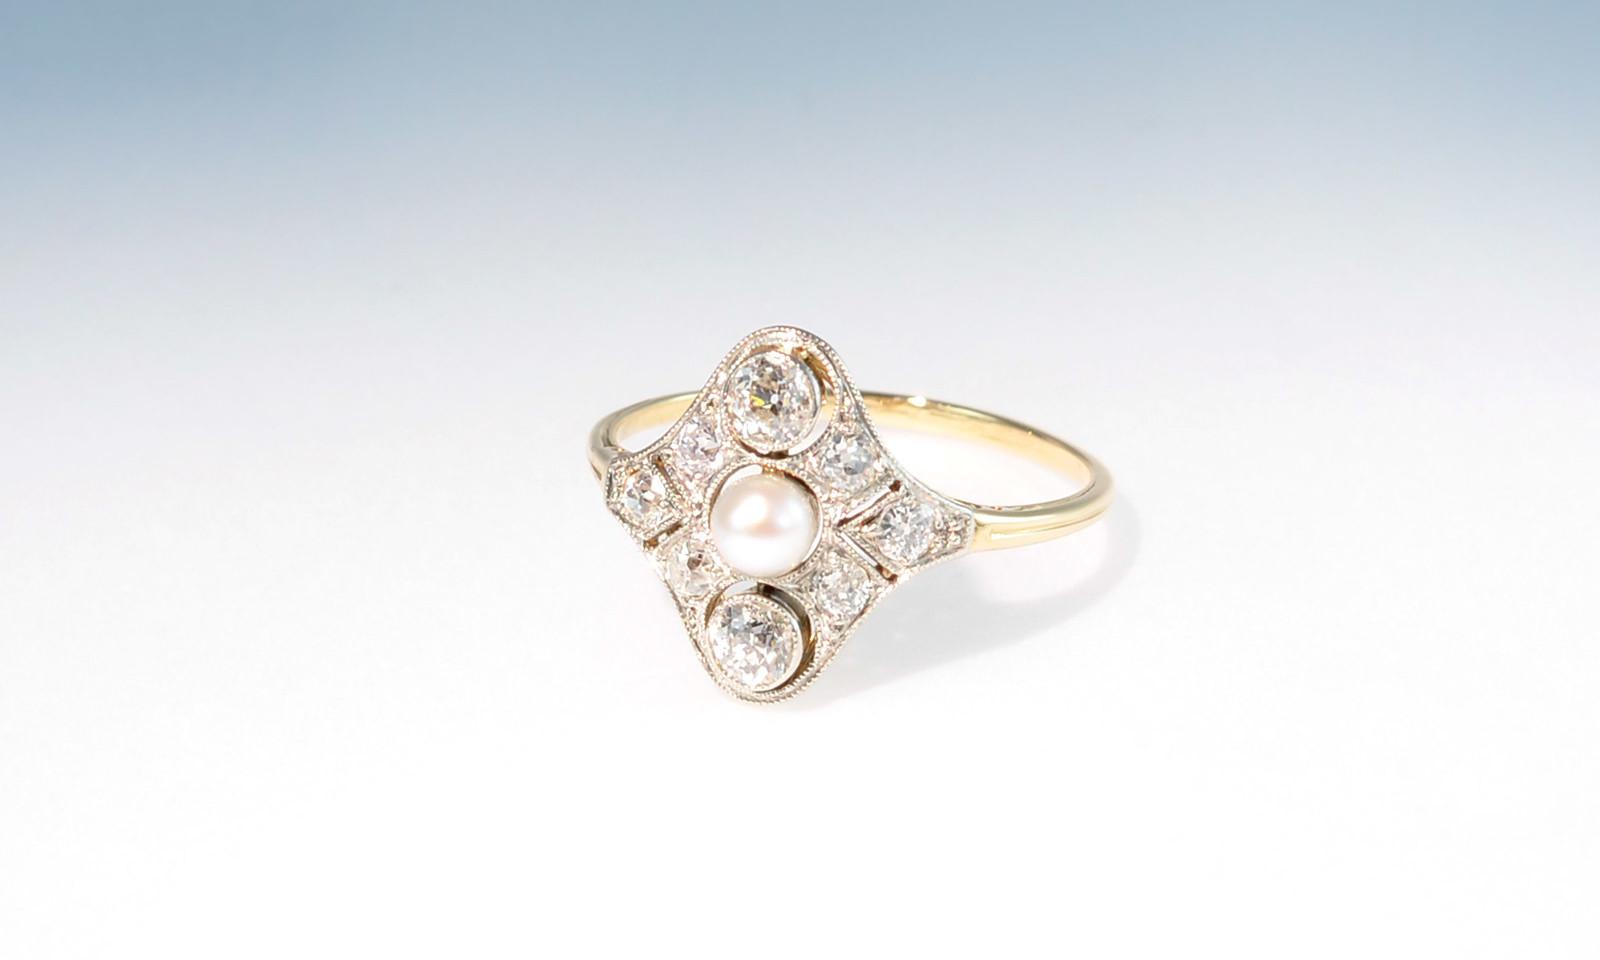 Ring belle epoque fein. Ring Belle Epoque, Platin auf Gelbgold 585, mit 8 Diamanten im Altschliff 2-3 mm ca. 0.5 ct. und Akoyaperle d 3.8 mm, CHF 2900.-